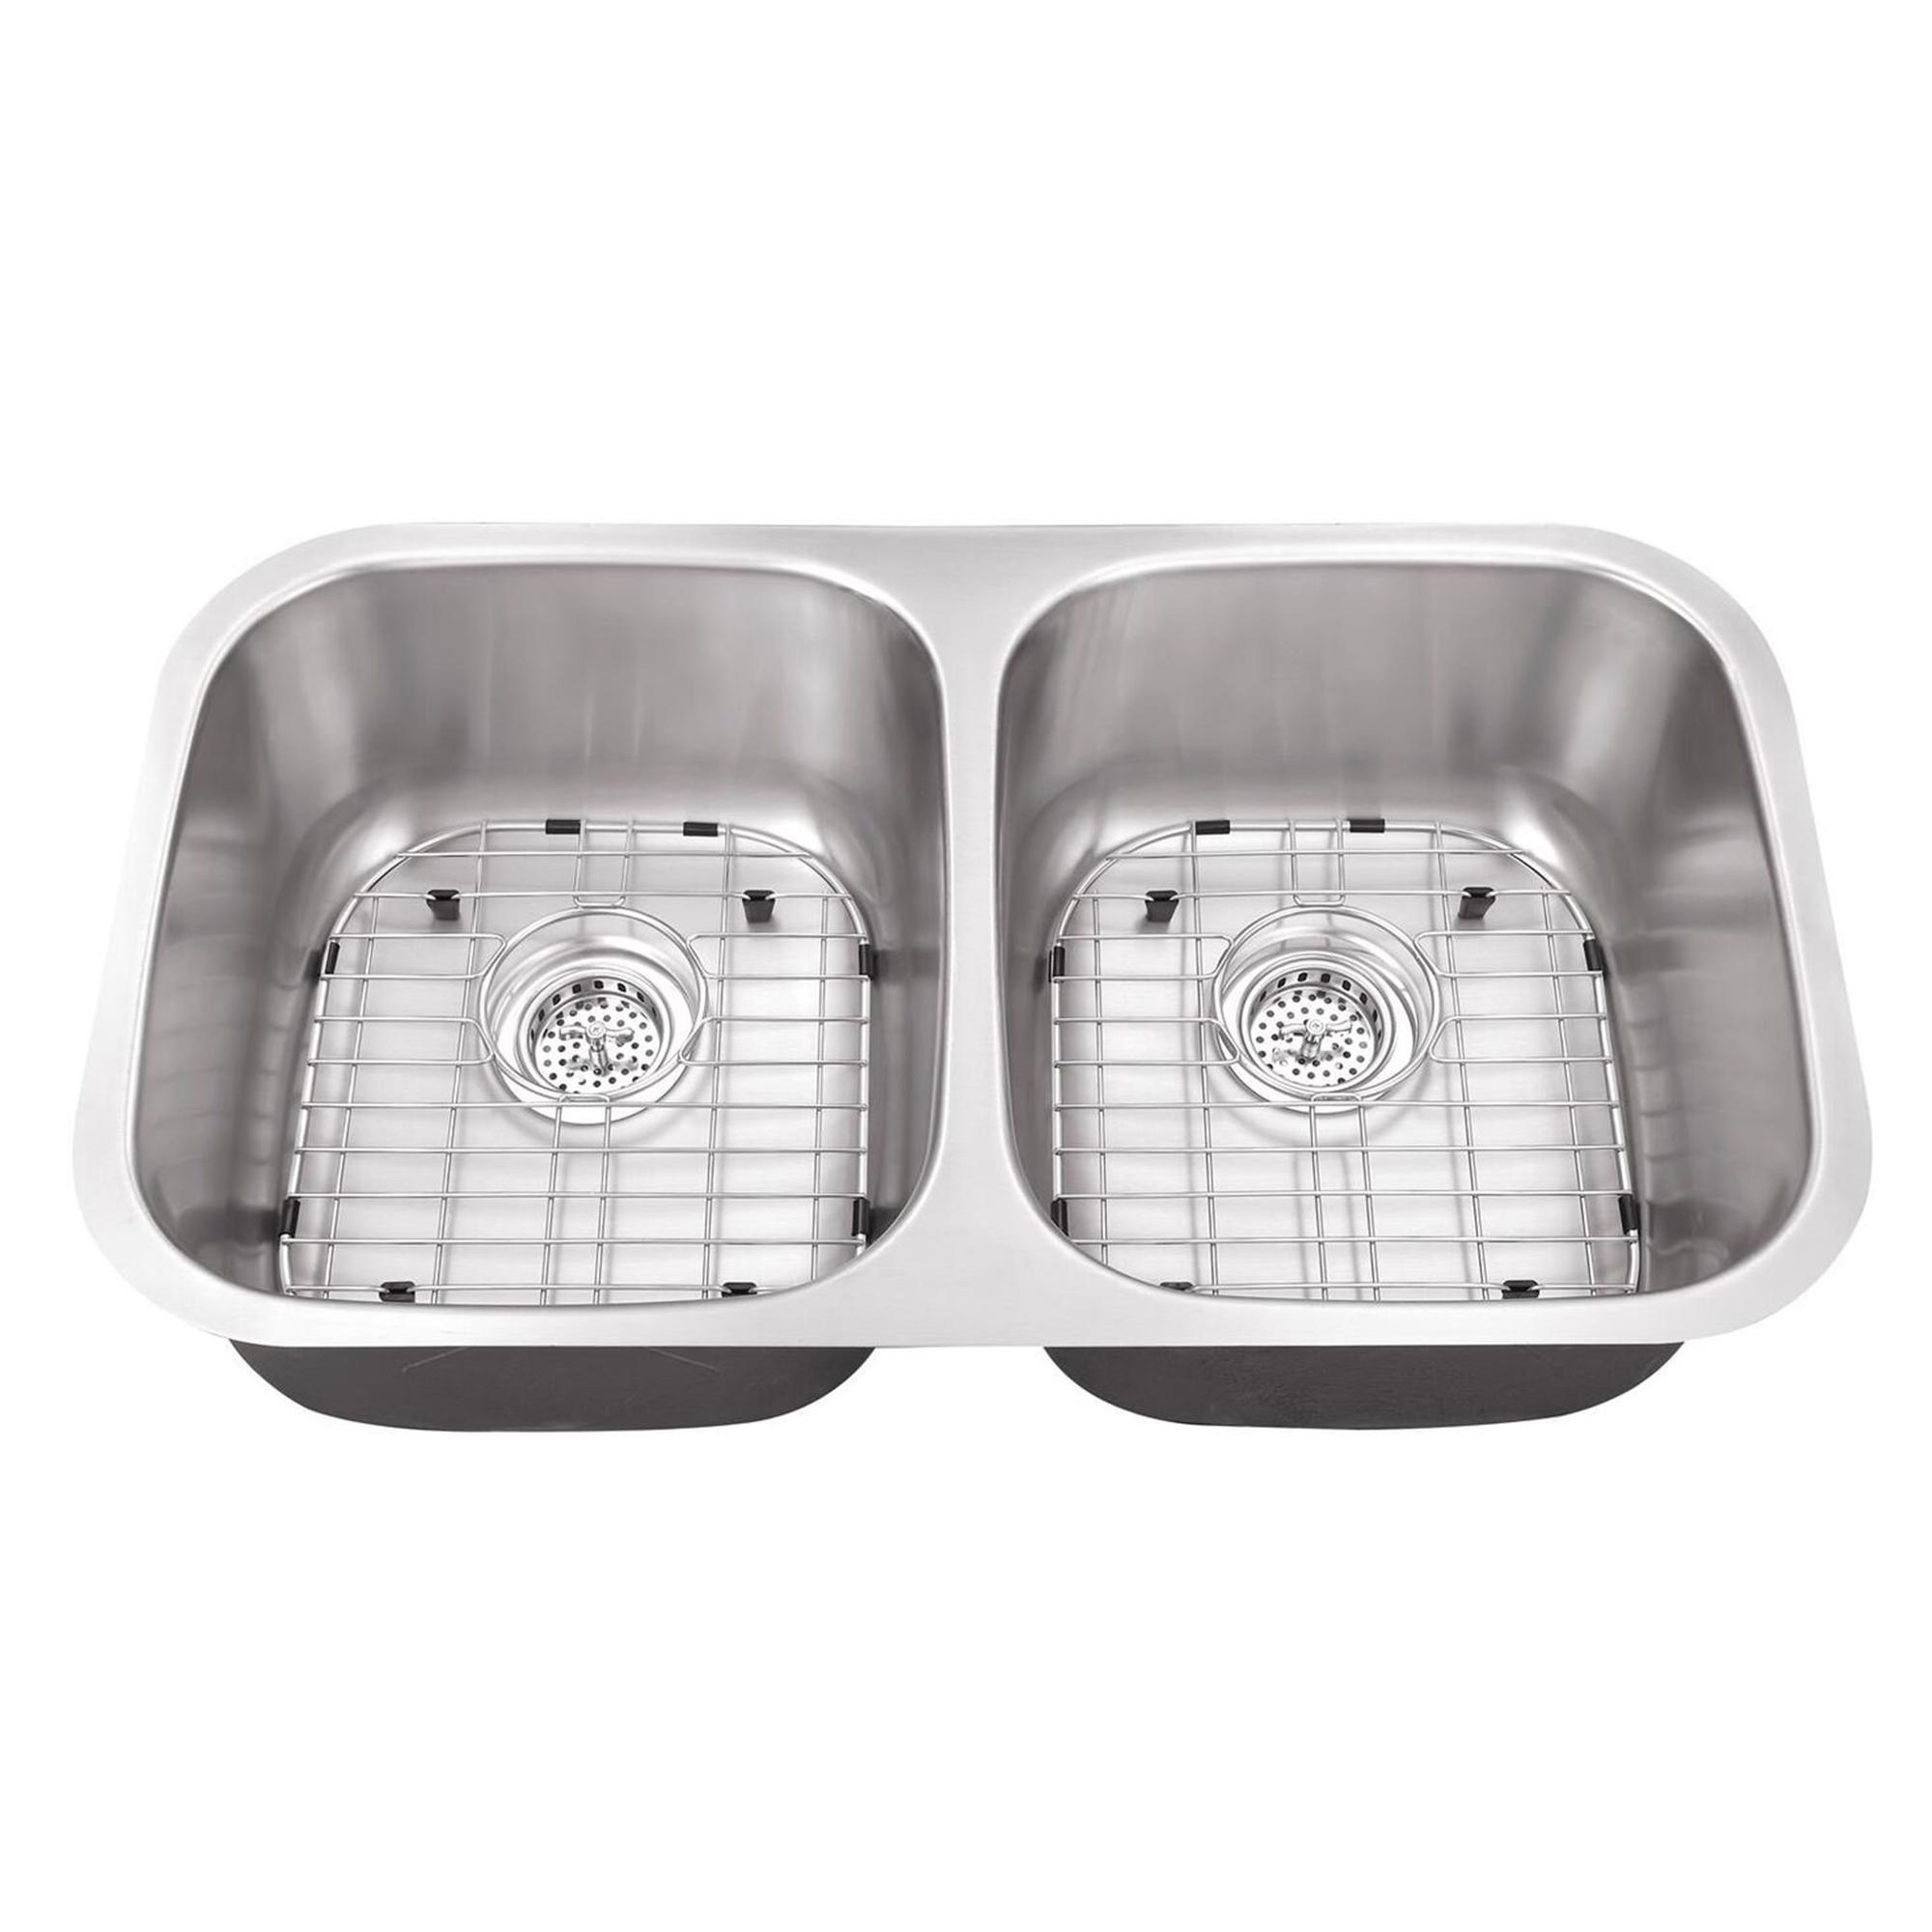 Undermount 32-1/4 in. 50/50 Bowl 16 Ga. Stainless Steel Kitchen Sink —  Cahaba Designs